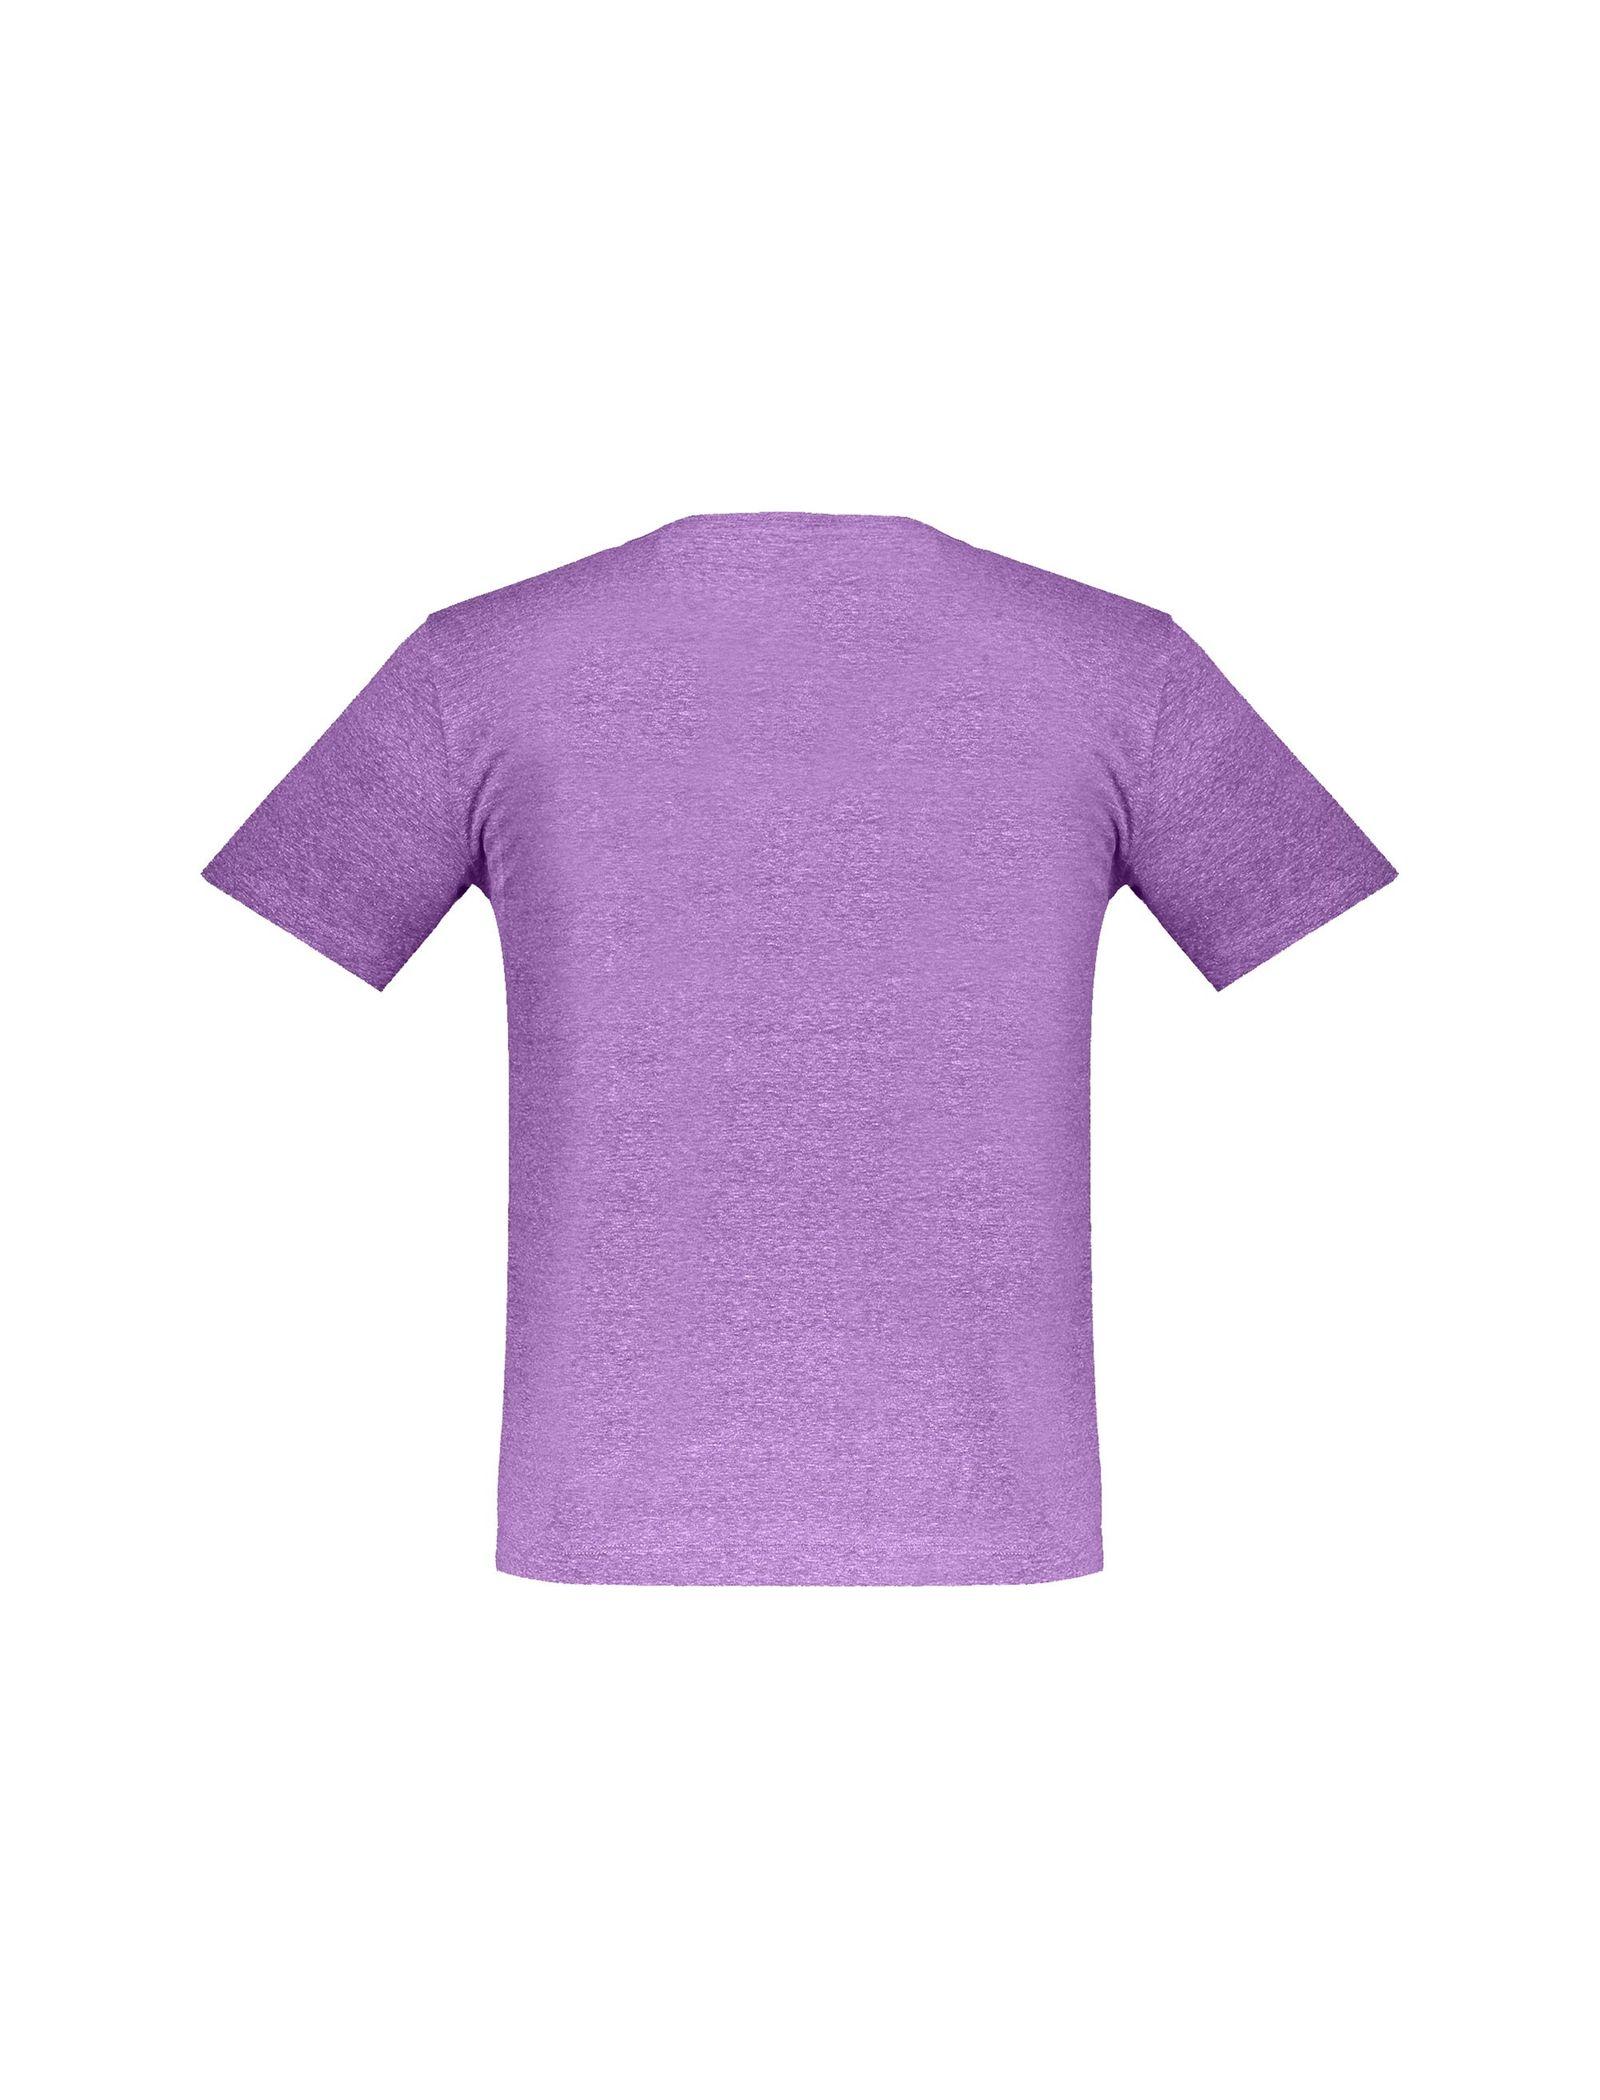 تی شرت یقه گرد مردانه - متی - بنفش - 3